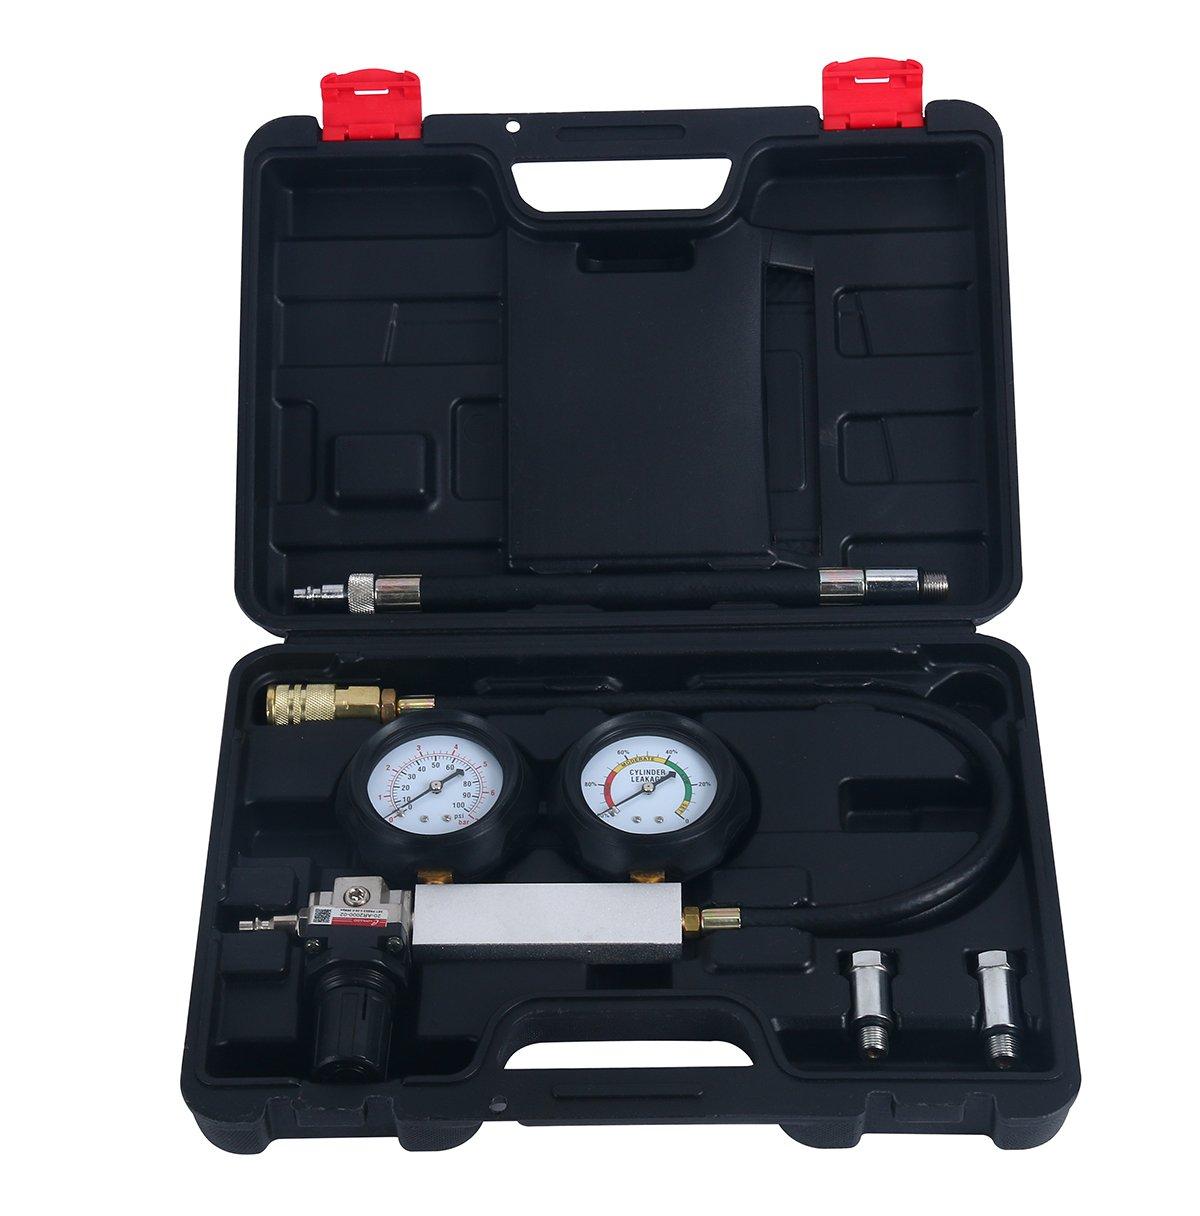 8MILELAKE Engine Cylinder Leak down Tester Dual Gauge Diagnostic Kit 12 or 14mm Spark Plugs TU-21 Cylinder Leak Tester